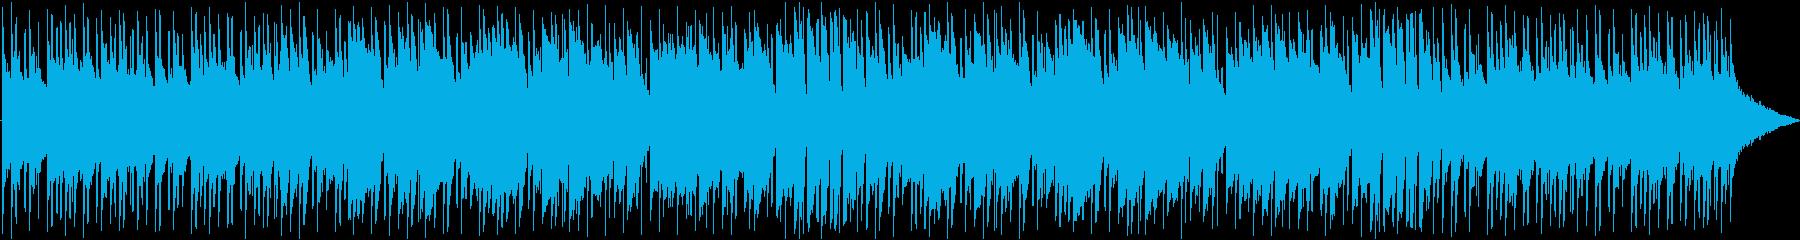 爽やかな朝を彩る日常のBGMの再生済みの波形